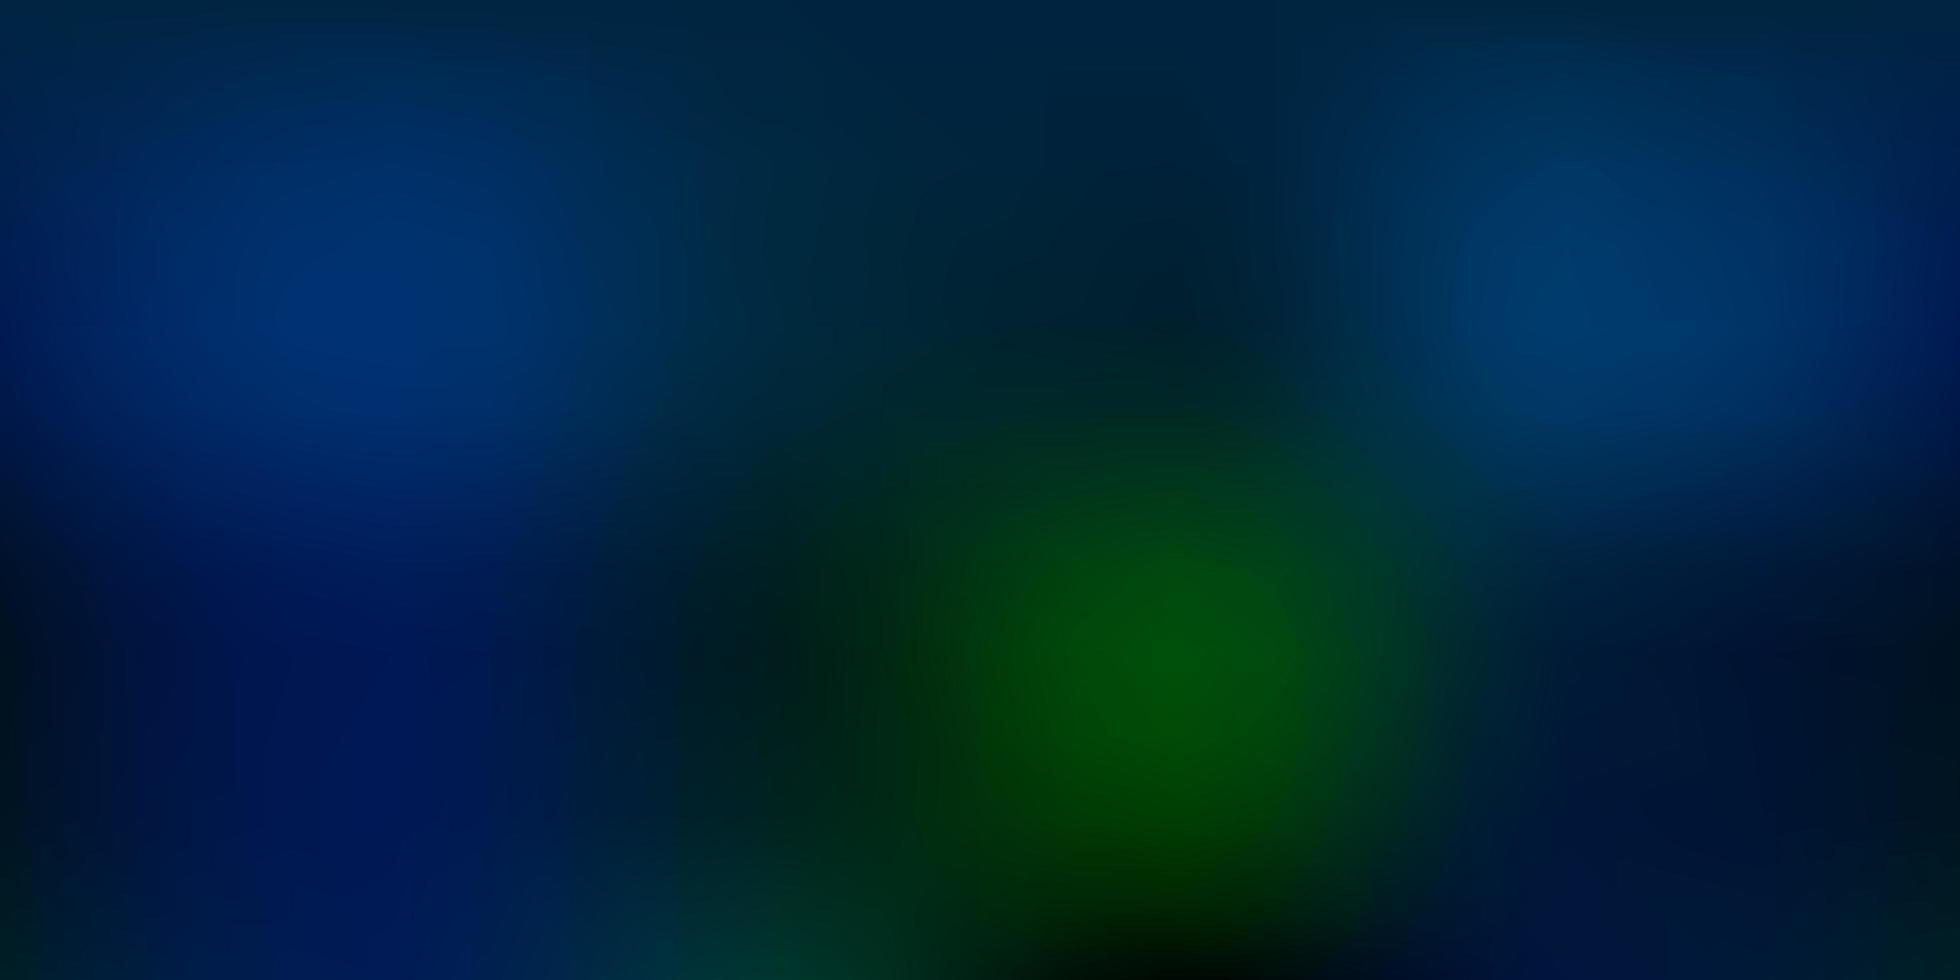 textura de desfoque abstrato de vetor azul escuro e verde.